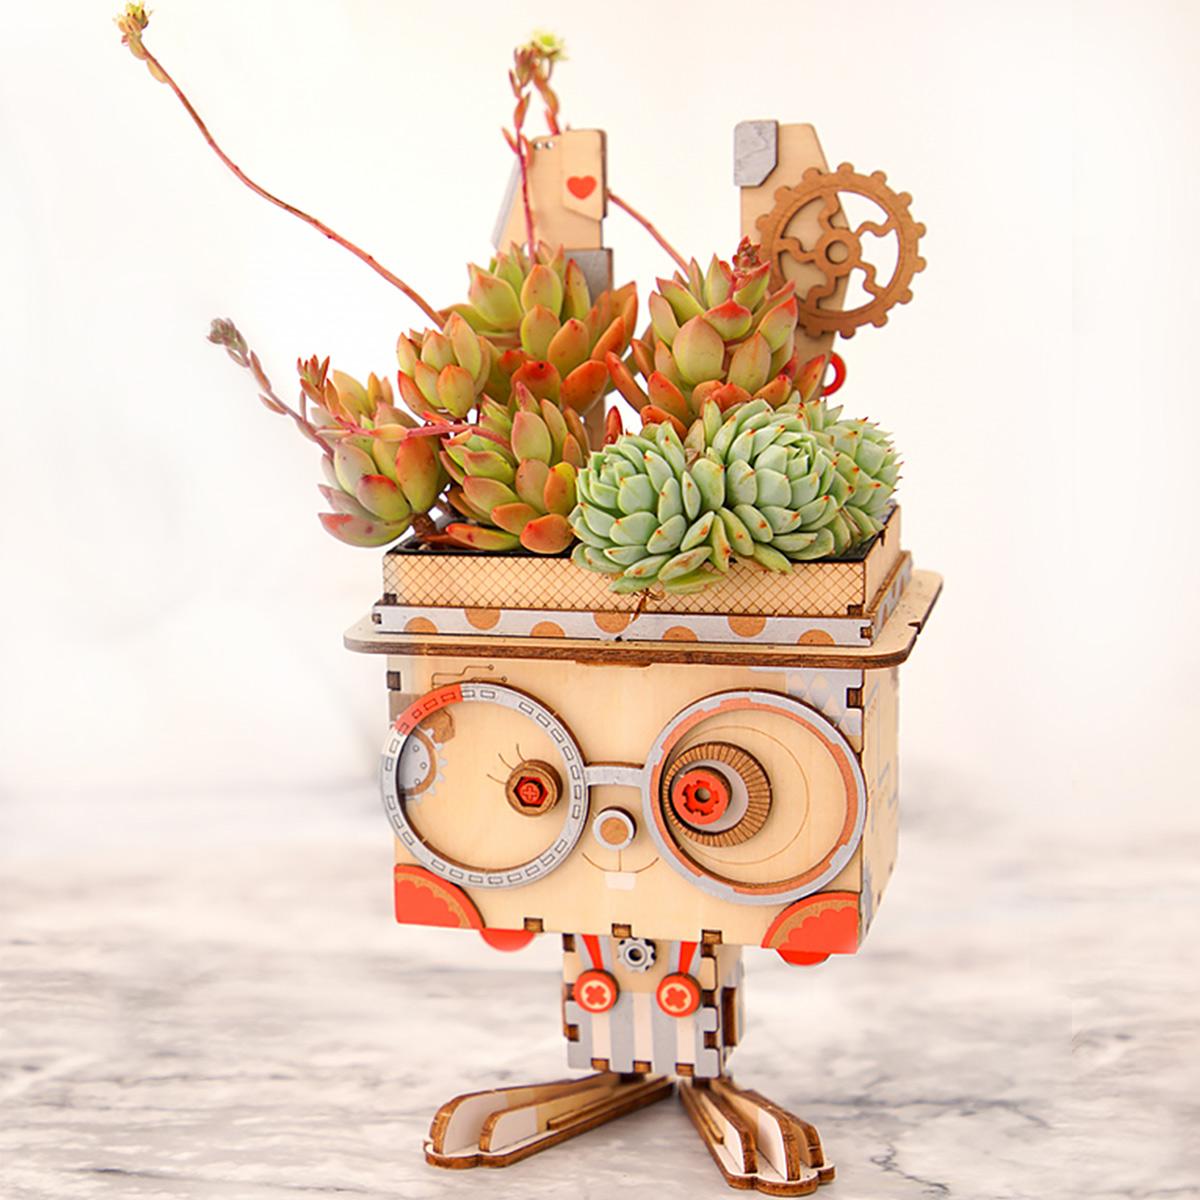 Rolife Flower Pot DIY Wooden Succulent Box Planter Kids 3D Puzzle Garden Decor